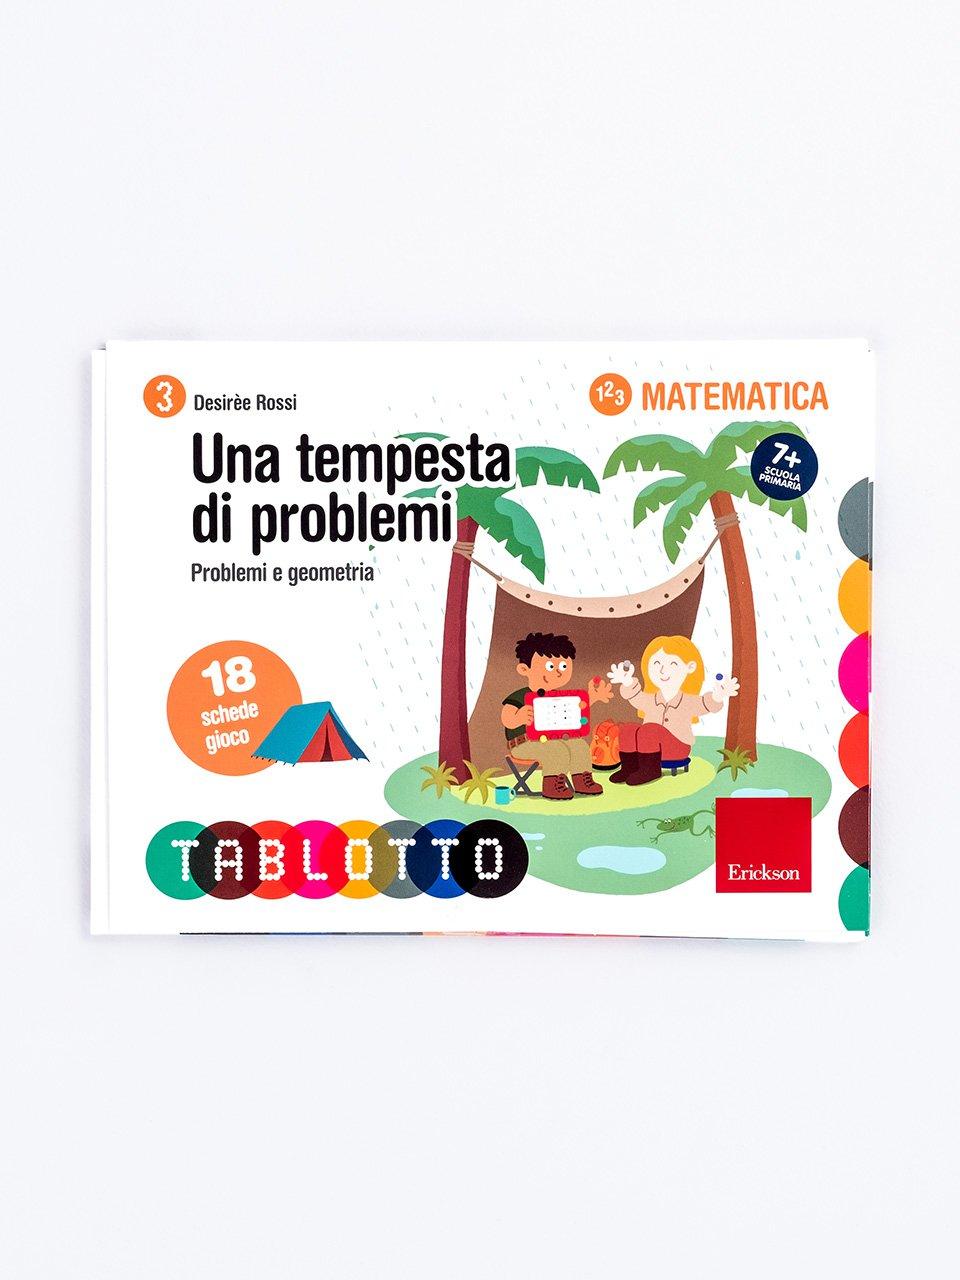 Schede per Tablotto (6-8 anni) - Una tempesta di problemi - Il mago dei numeri - App e software - Erickson